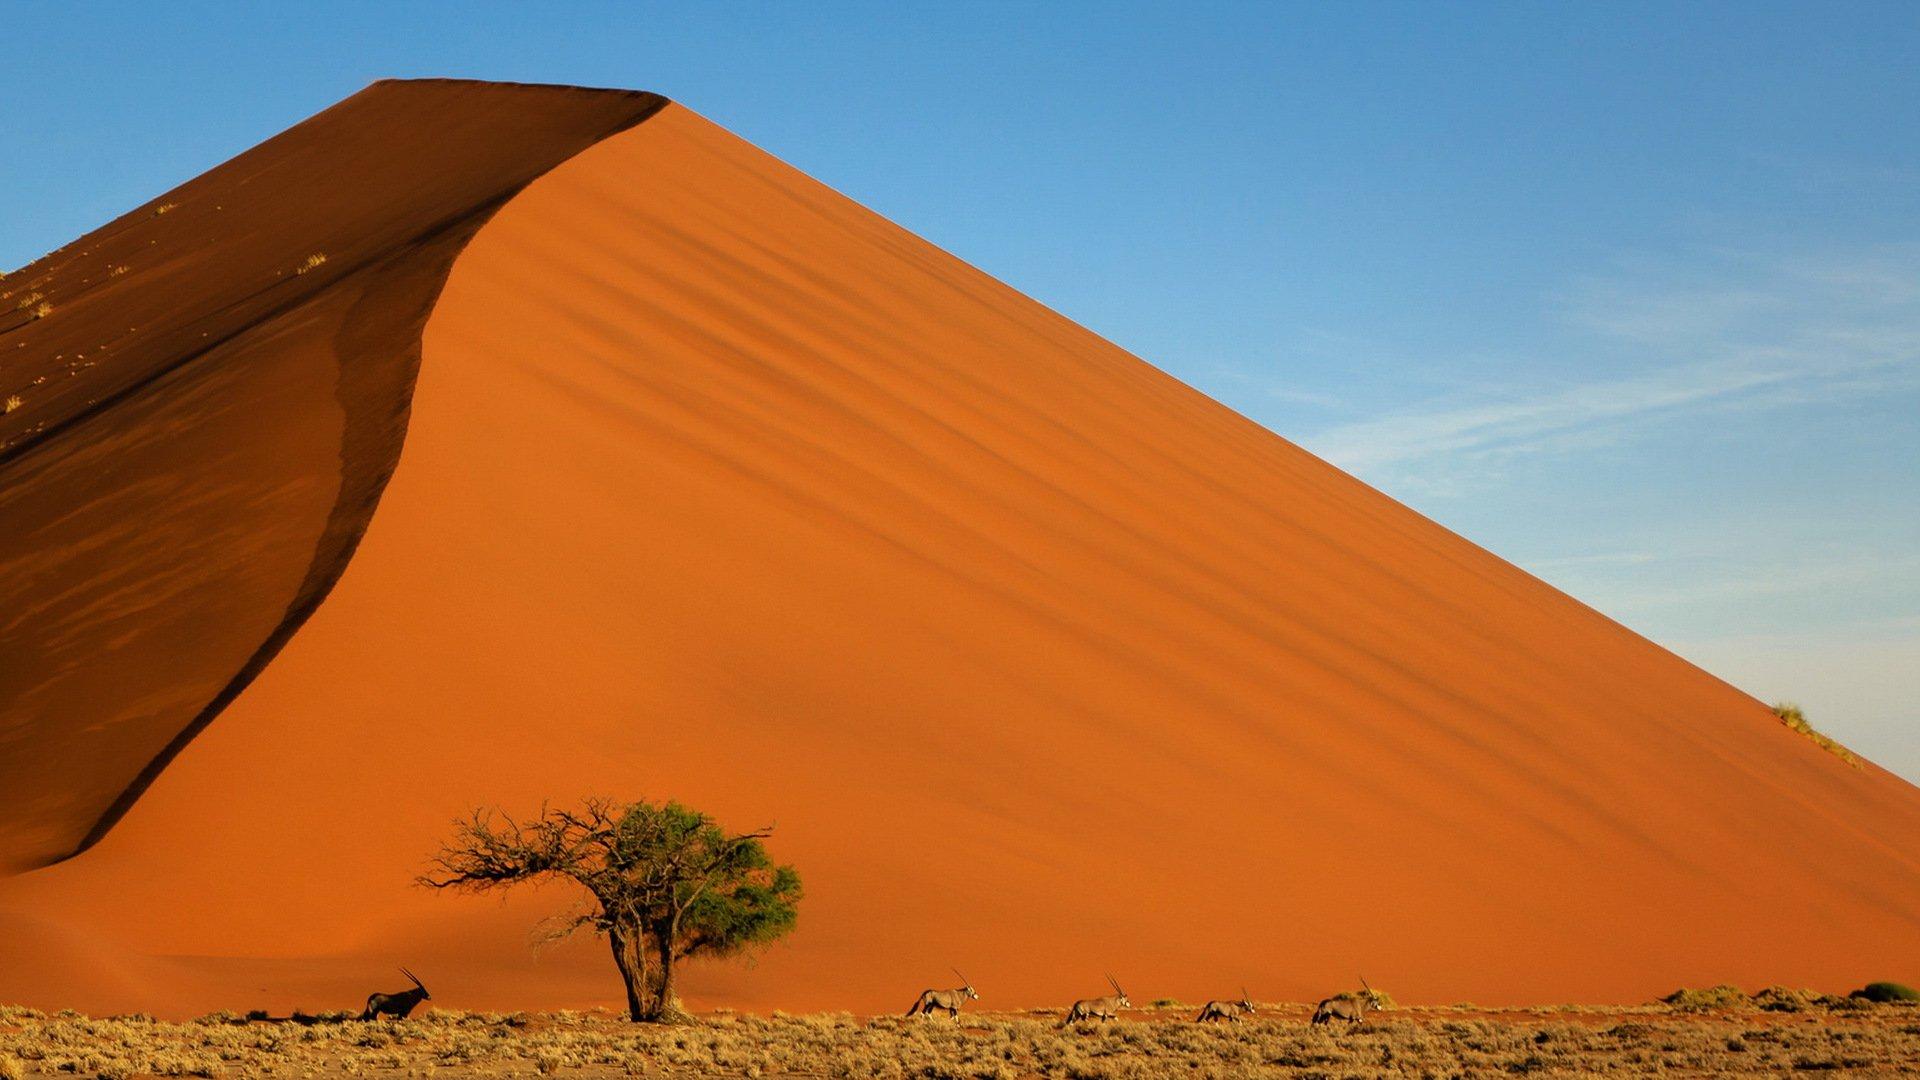 Снилось, что я взбираюсь на гору из песка, и песок обваливается, трудно взобраться.